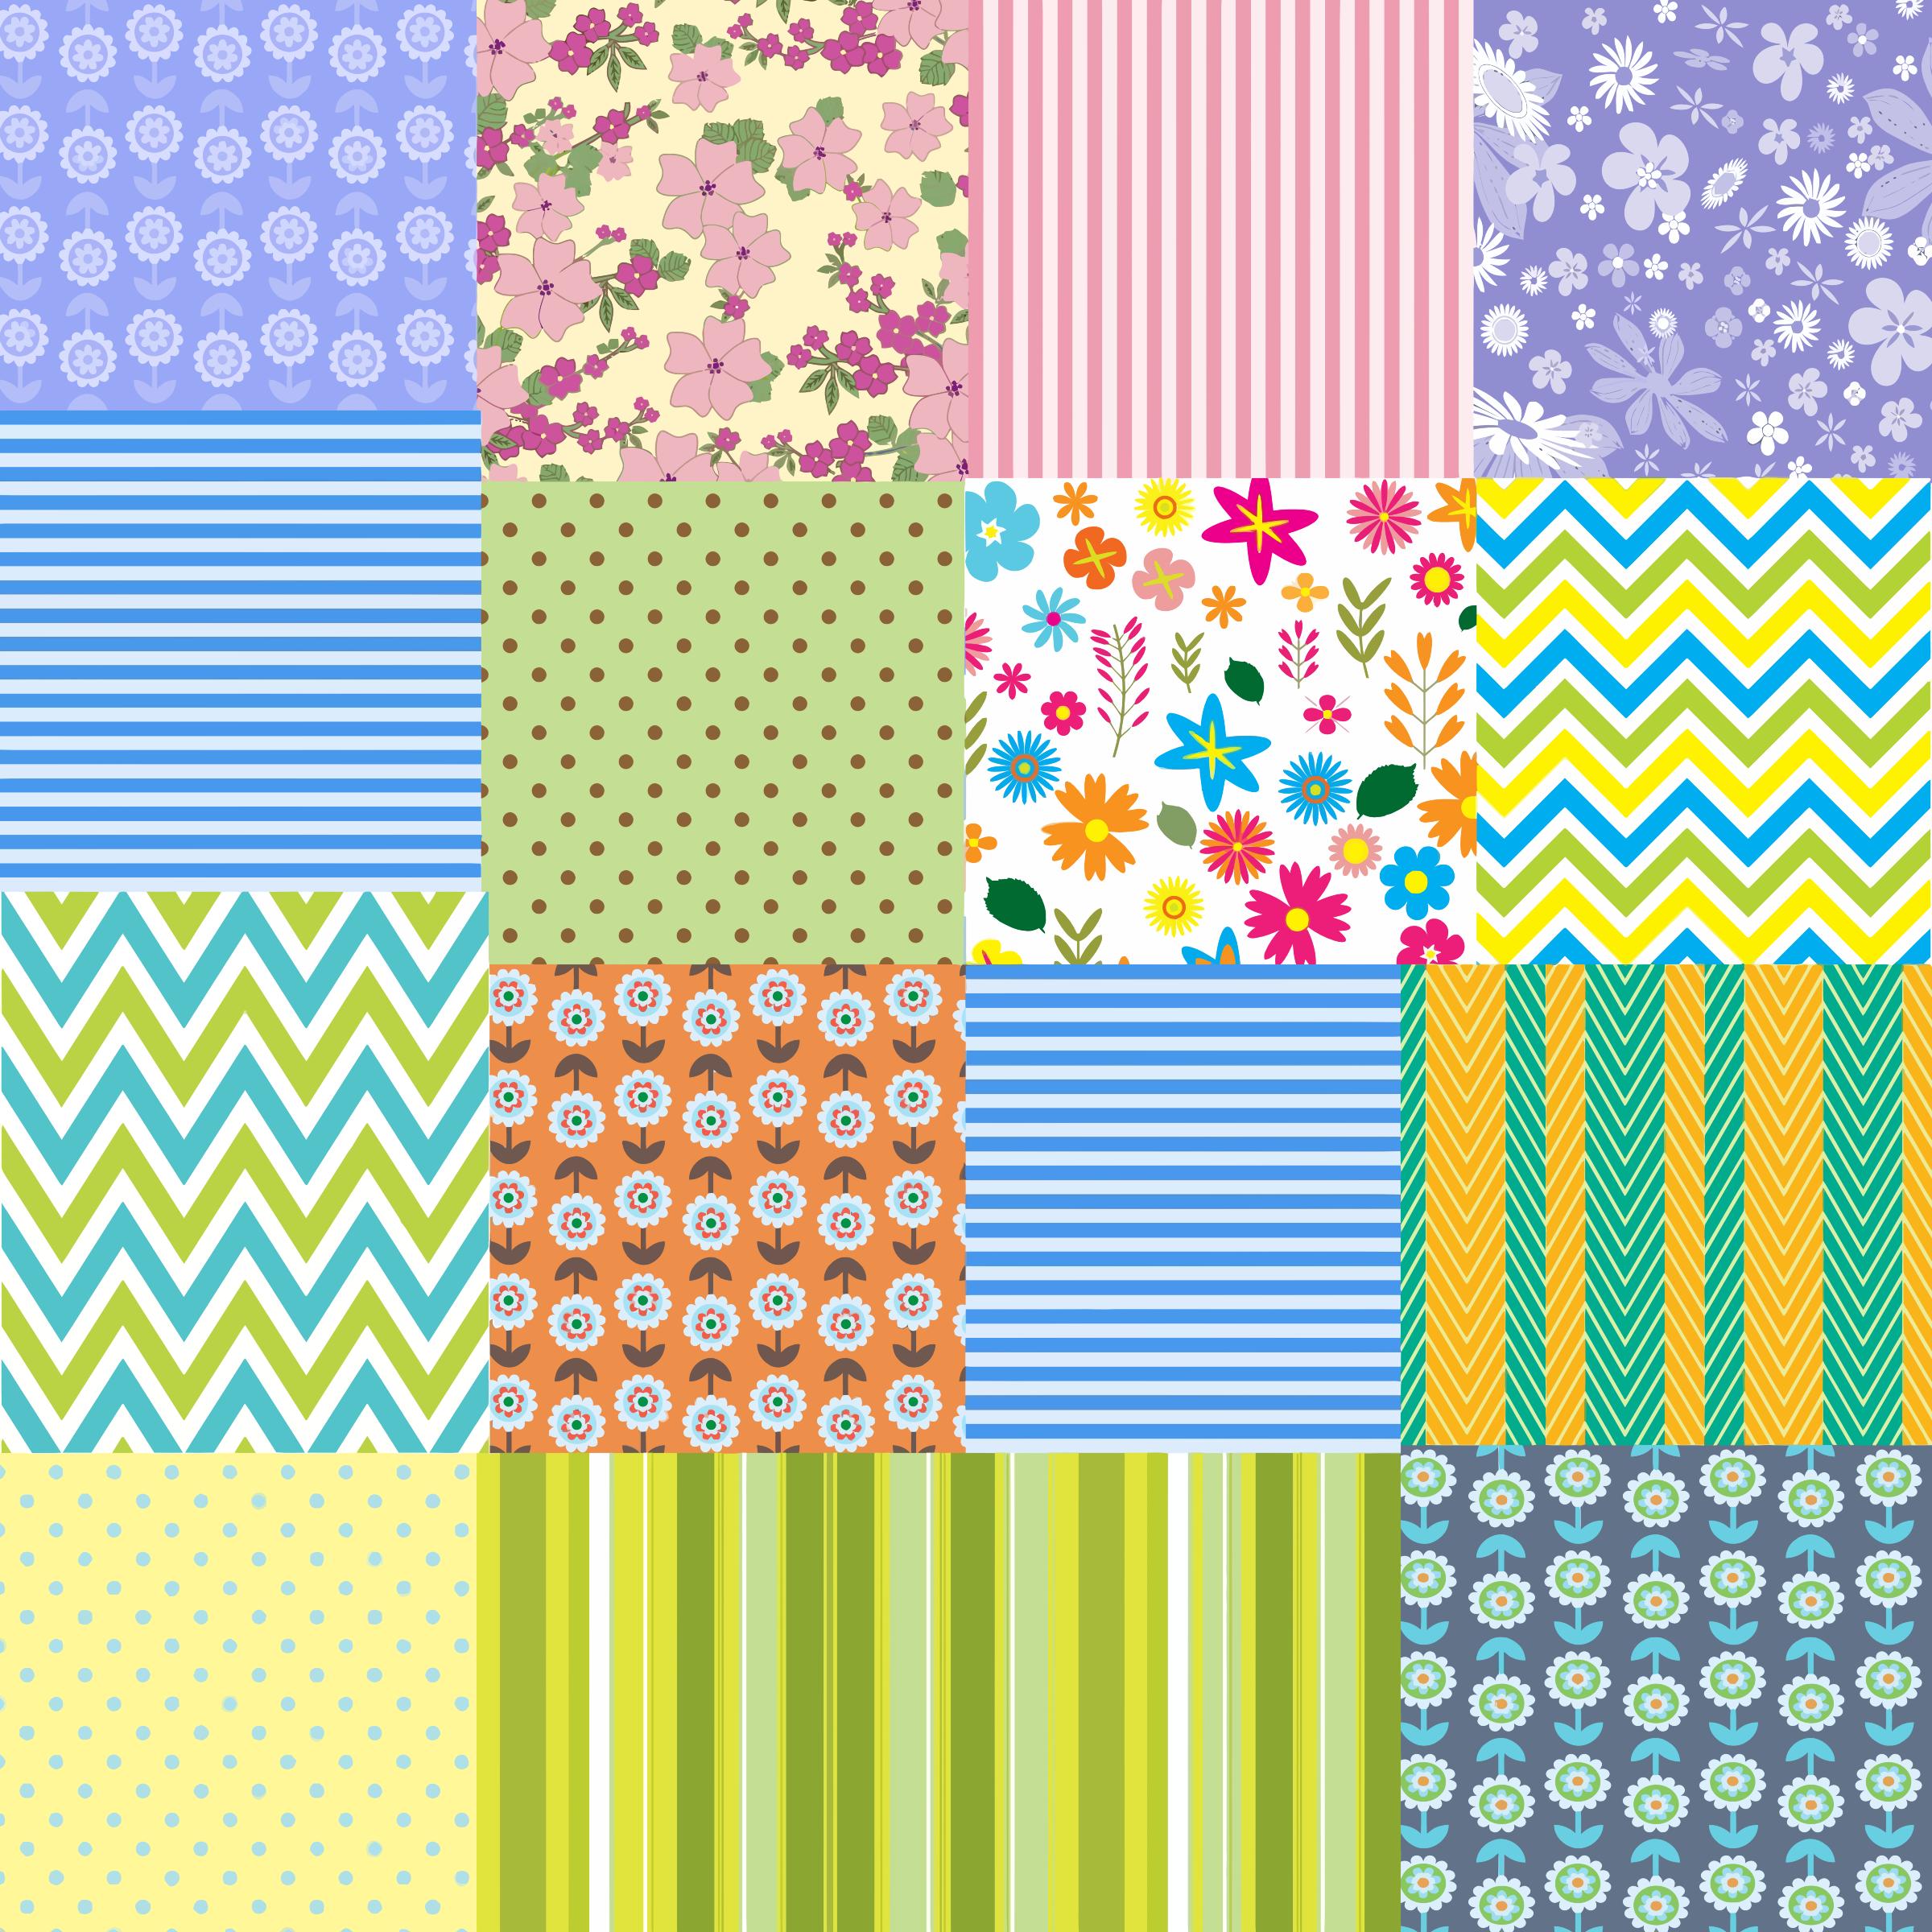 Patchwork Quilt Clip Art quilt clip art - images, illustrations ...